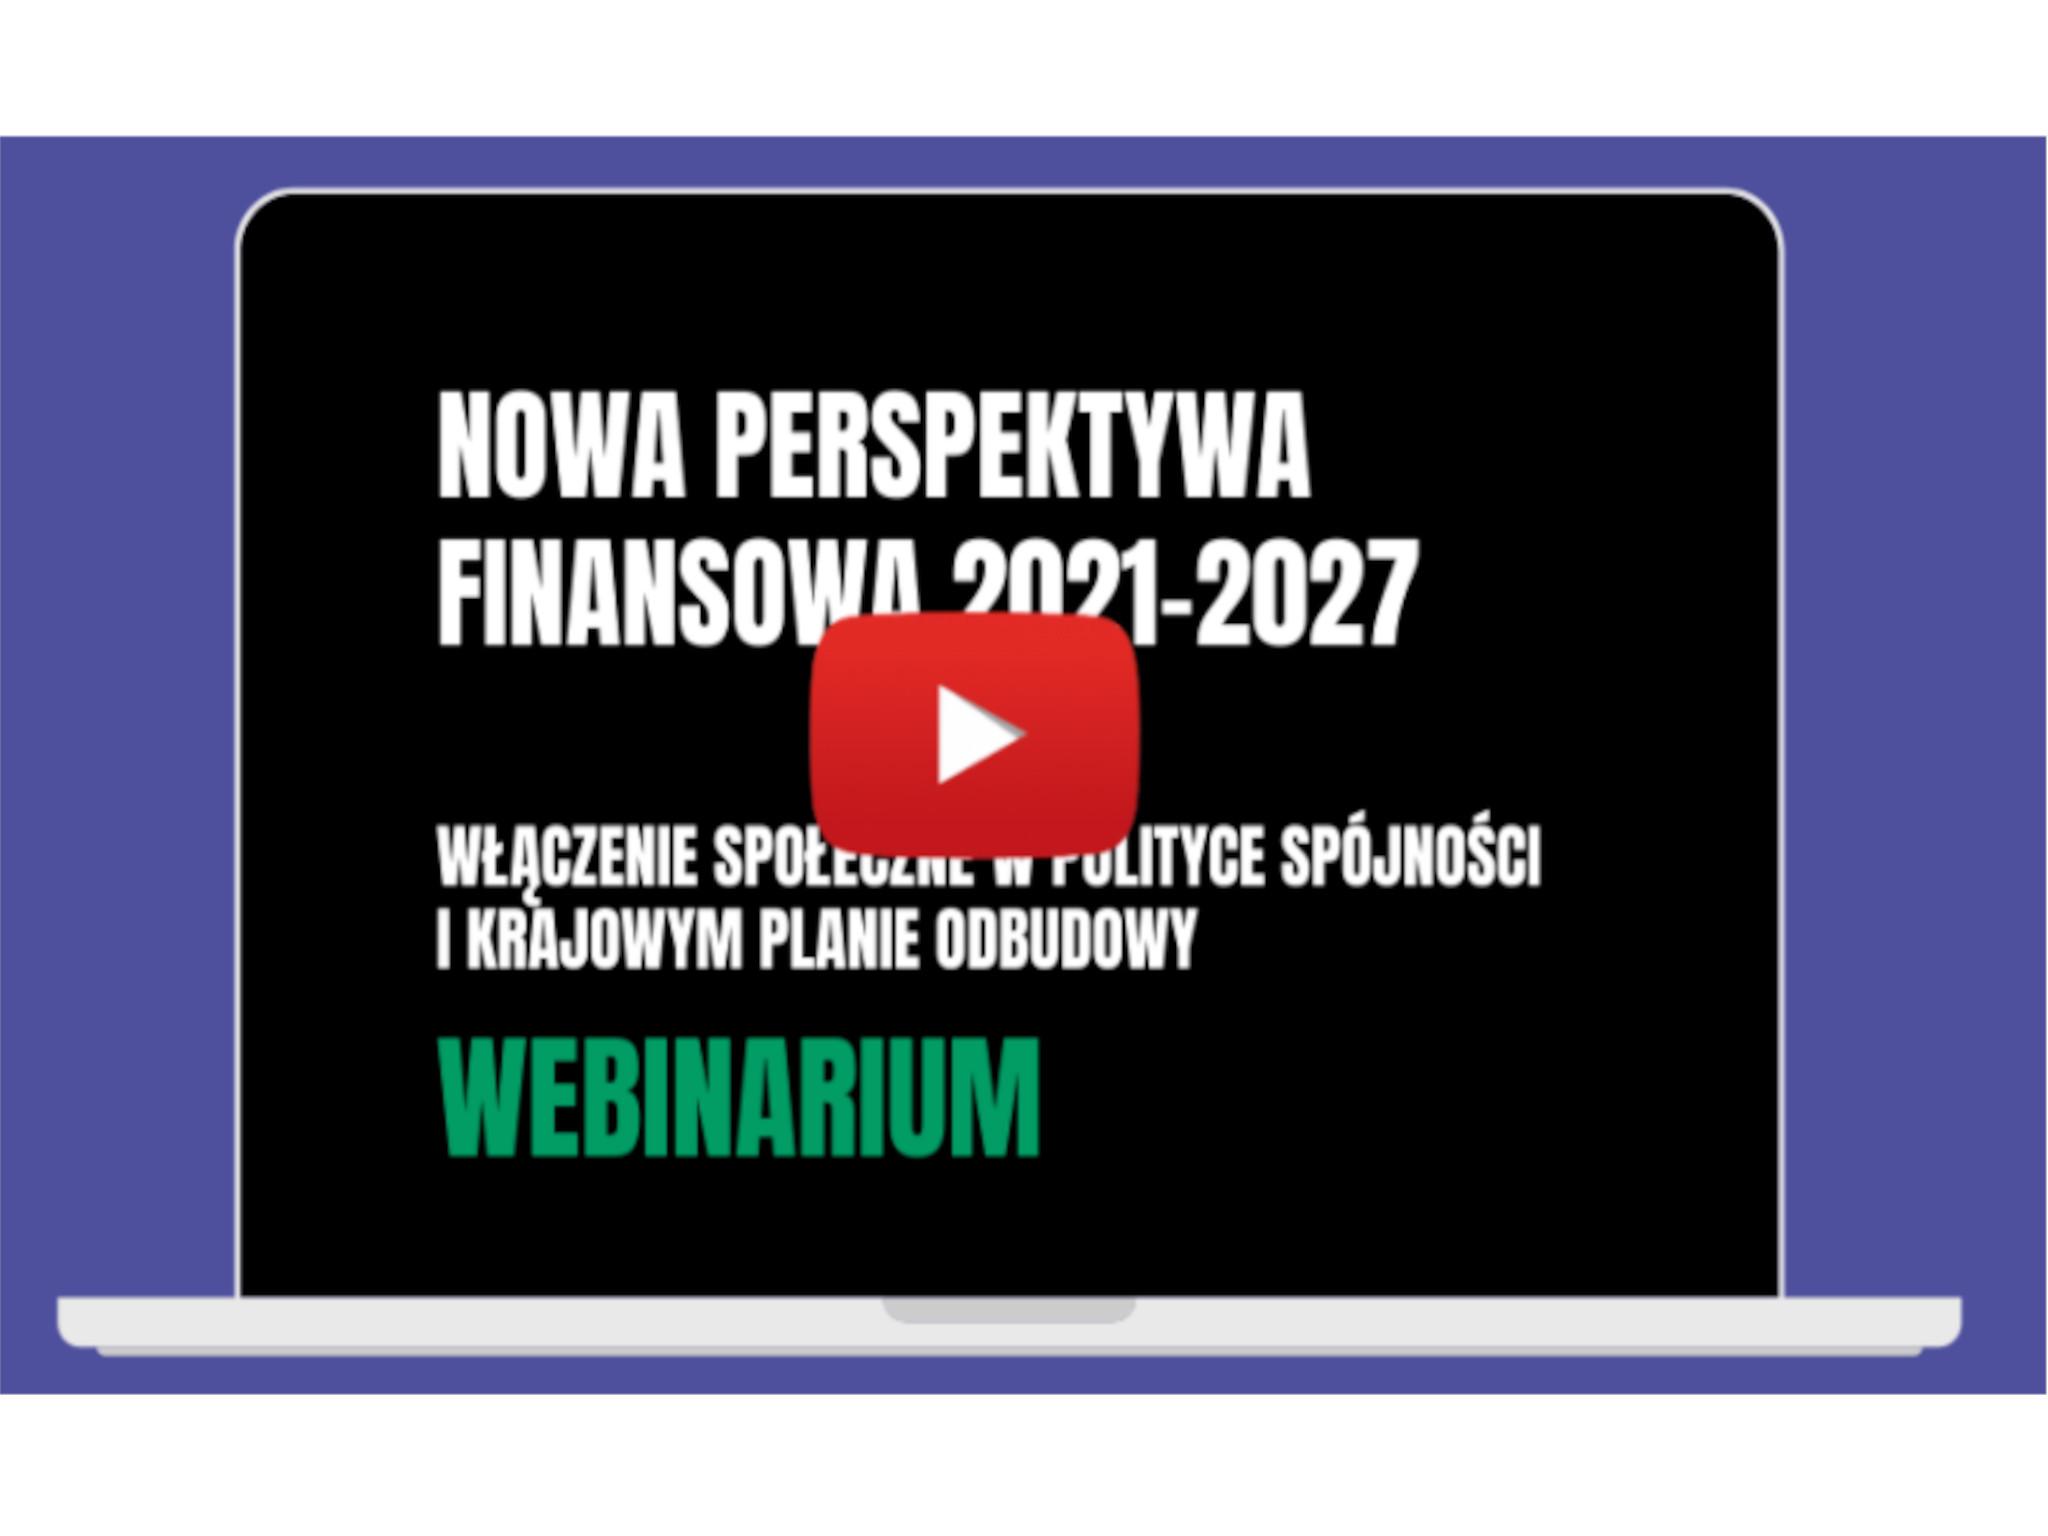 Nagranie nt. włączenia społecznego w nowej perspektywie finansowej 2021 – 2027